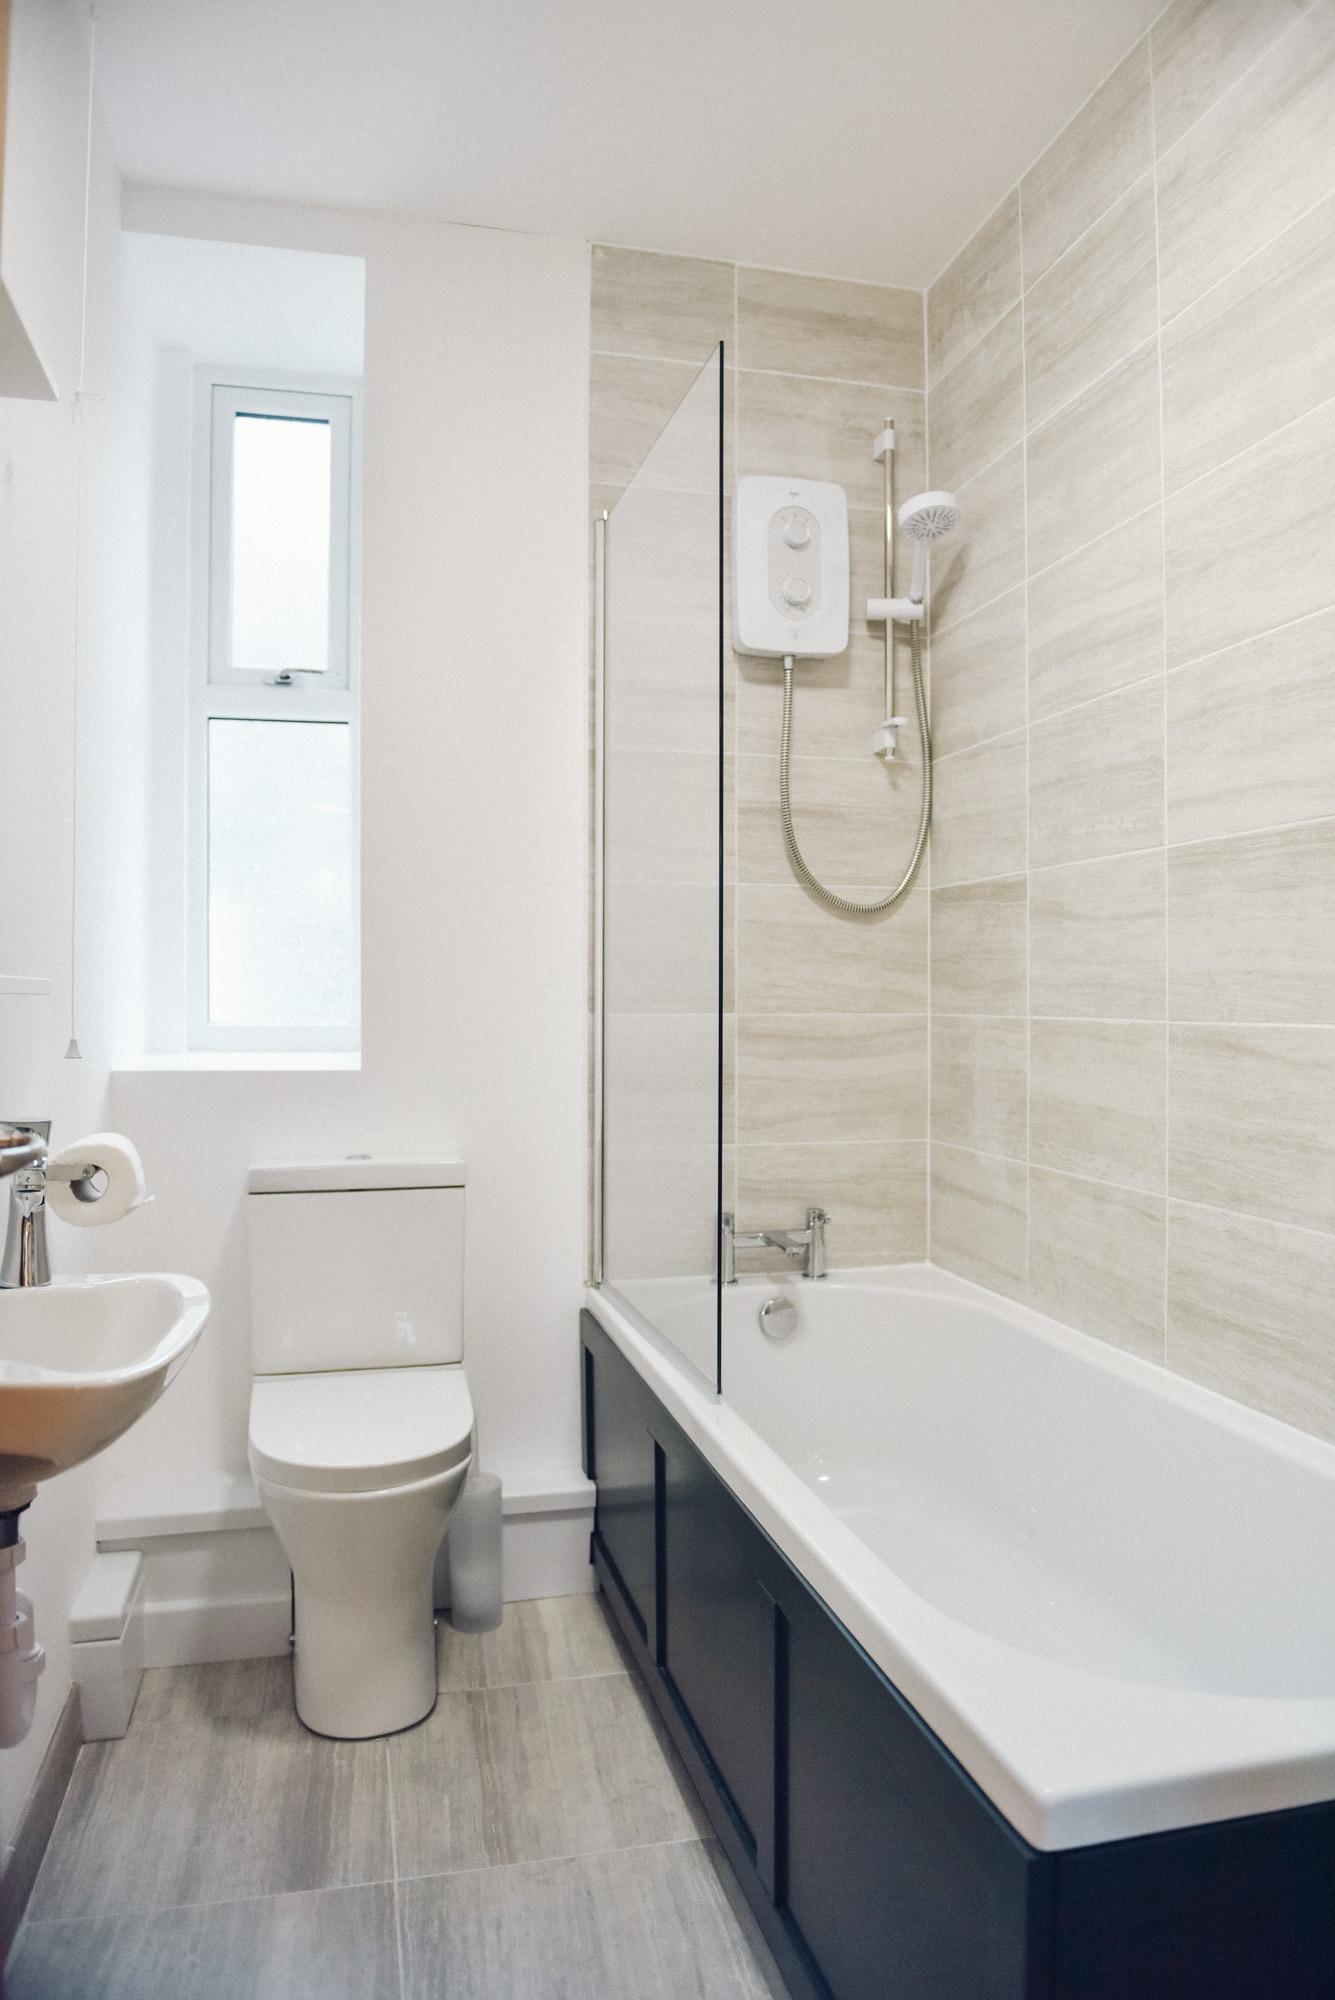 En suite shower-bathroom with toilet